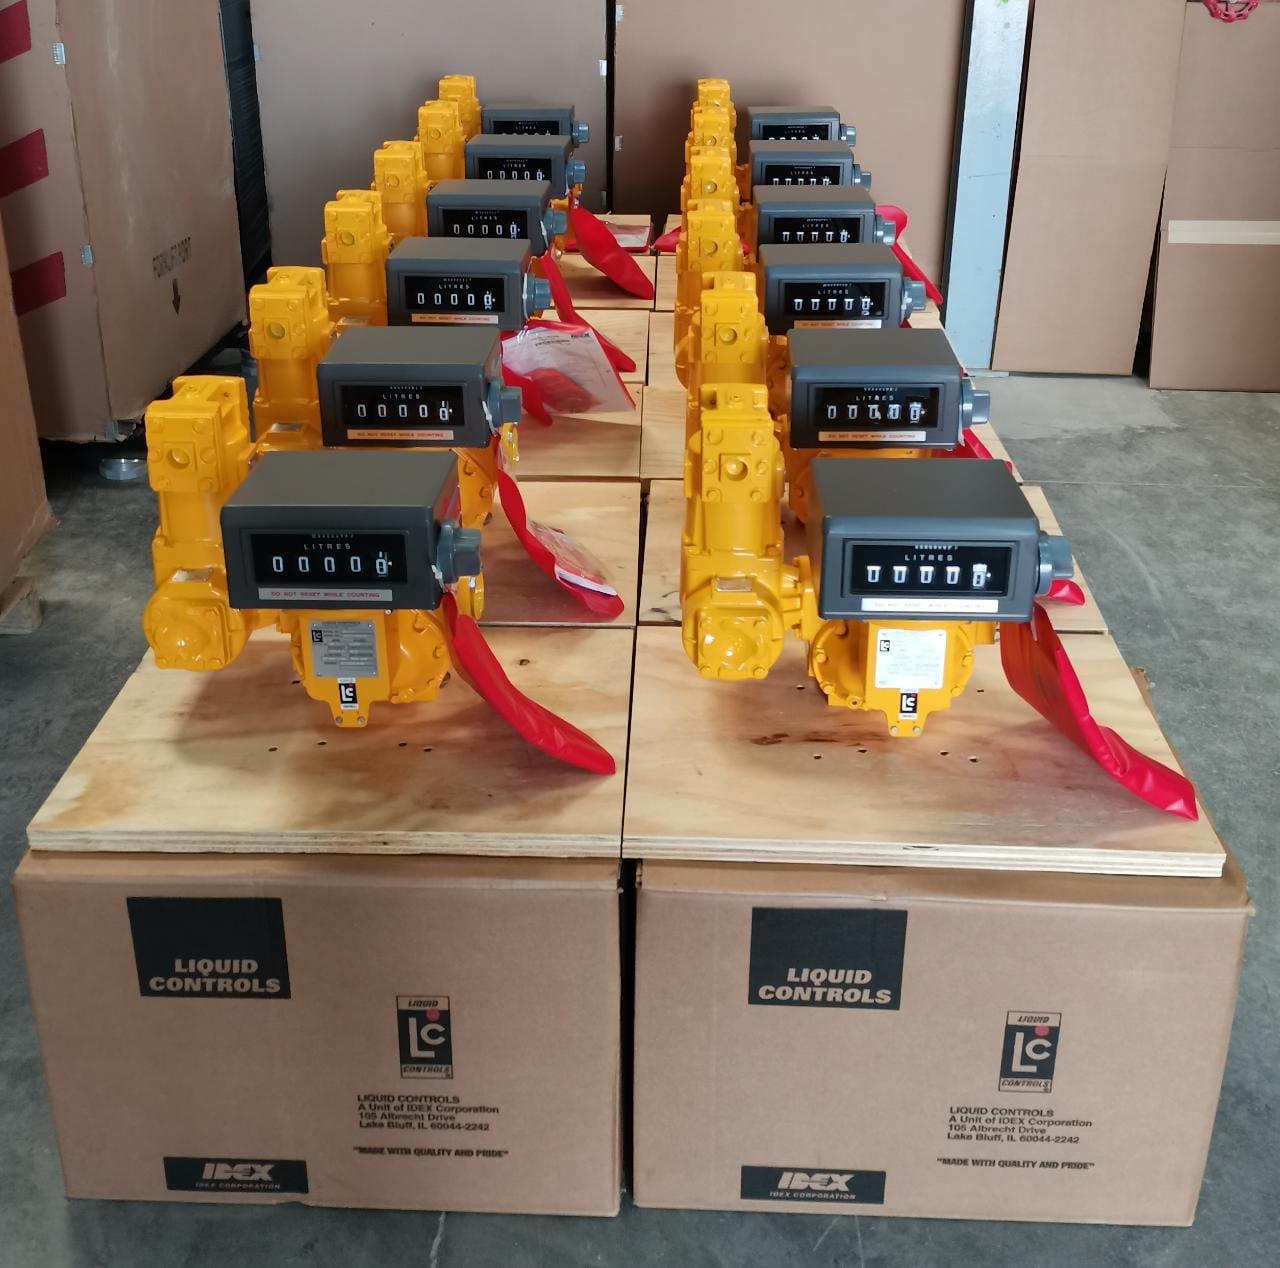 Lc flow meters in uae